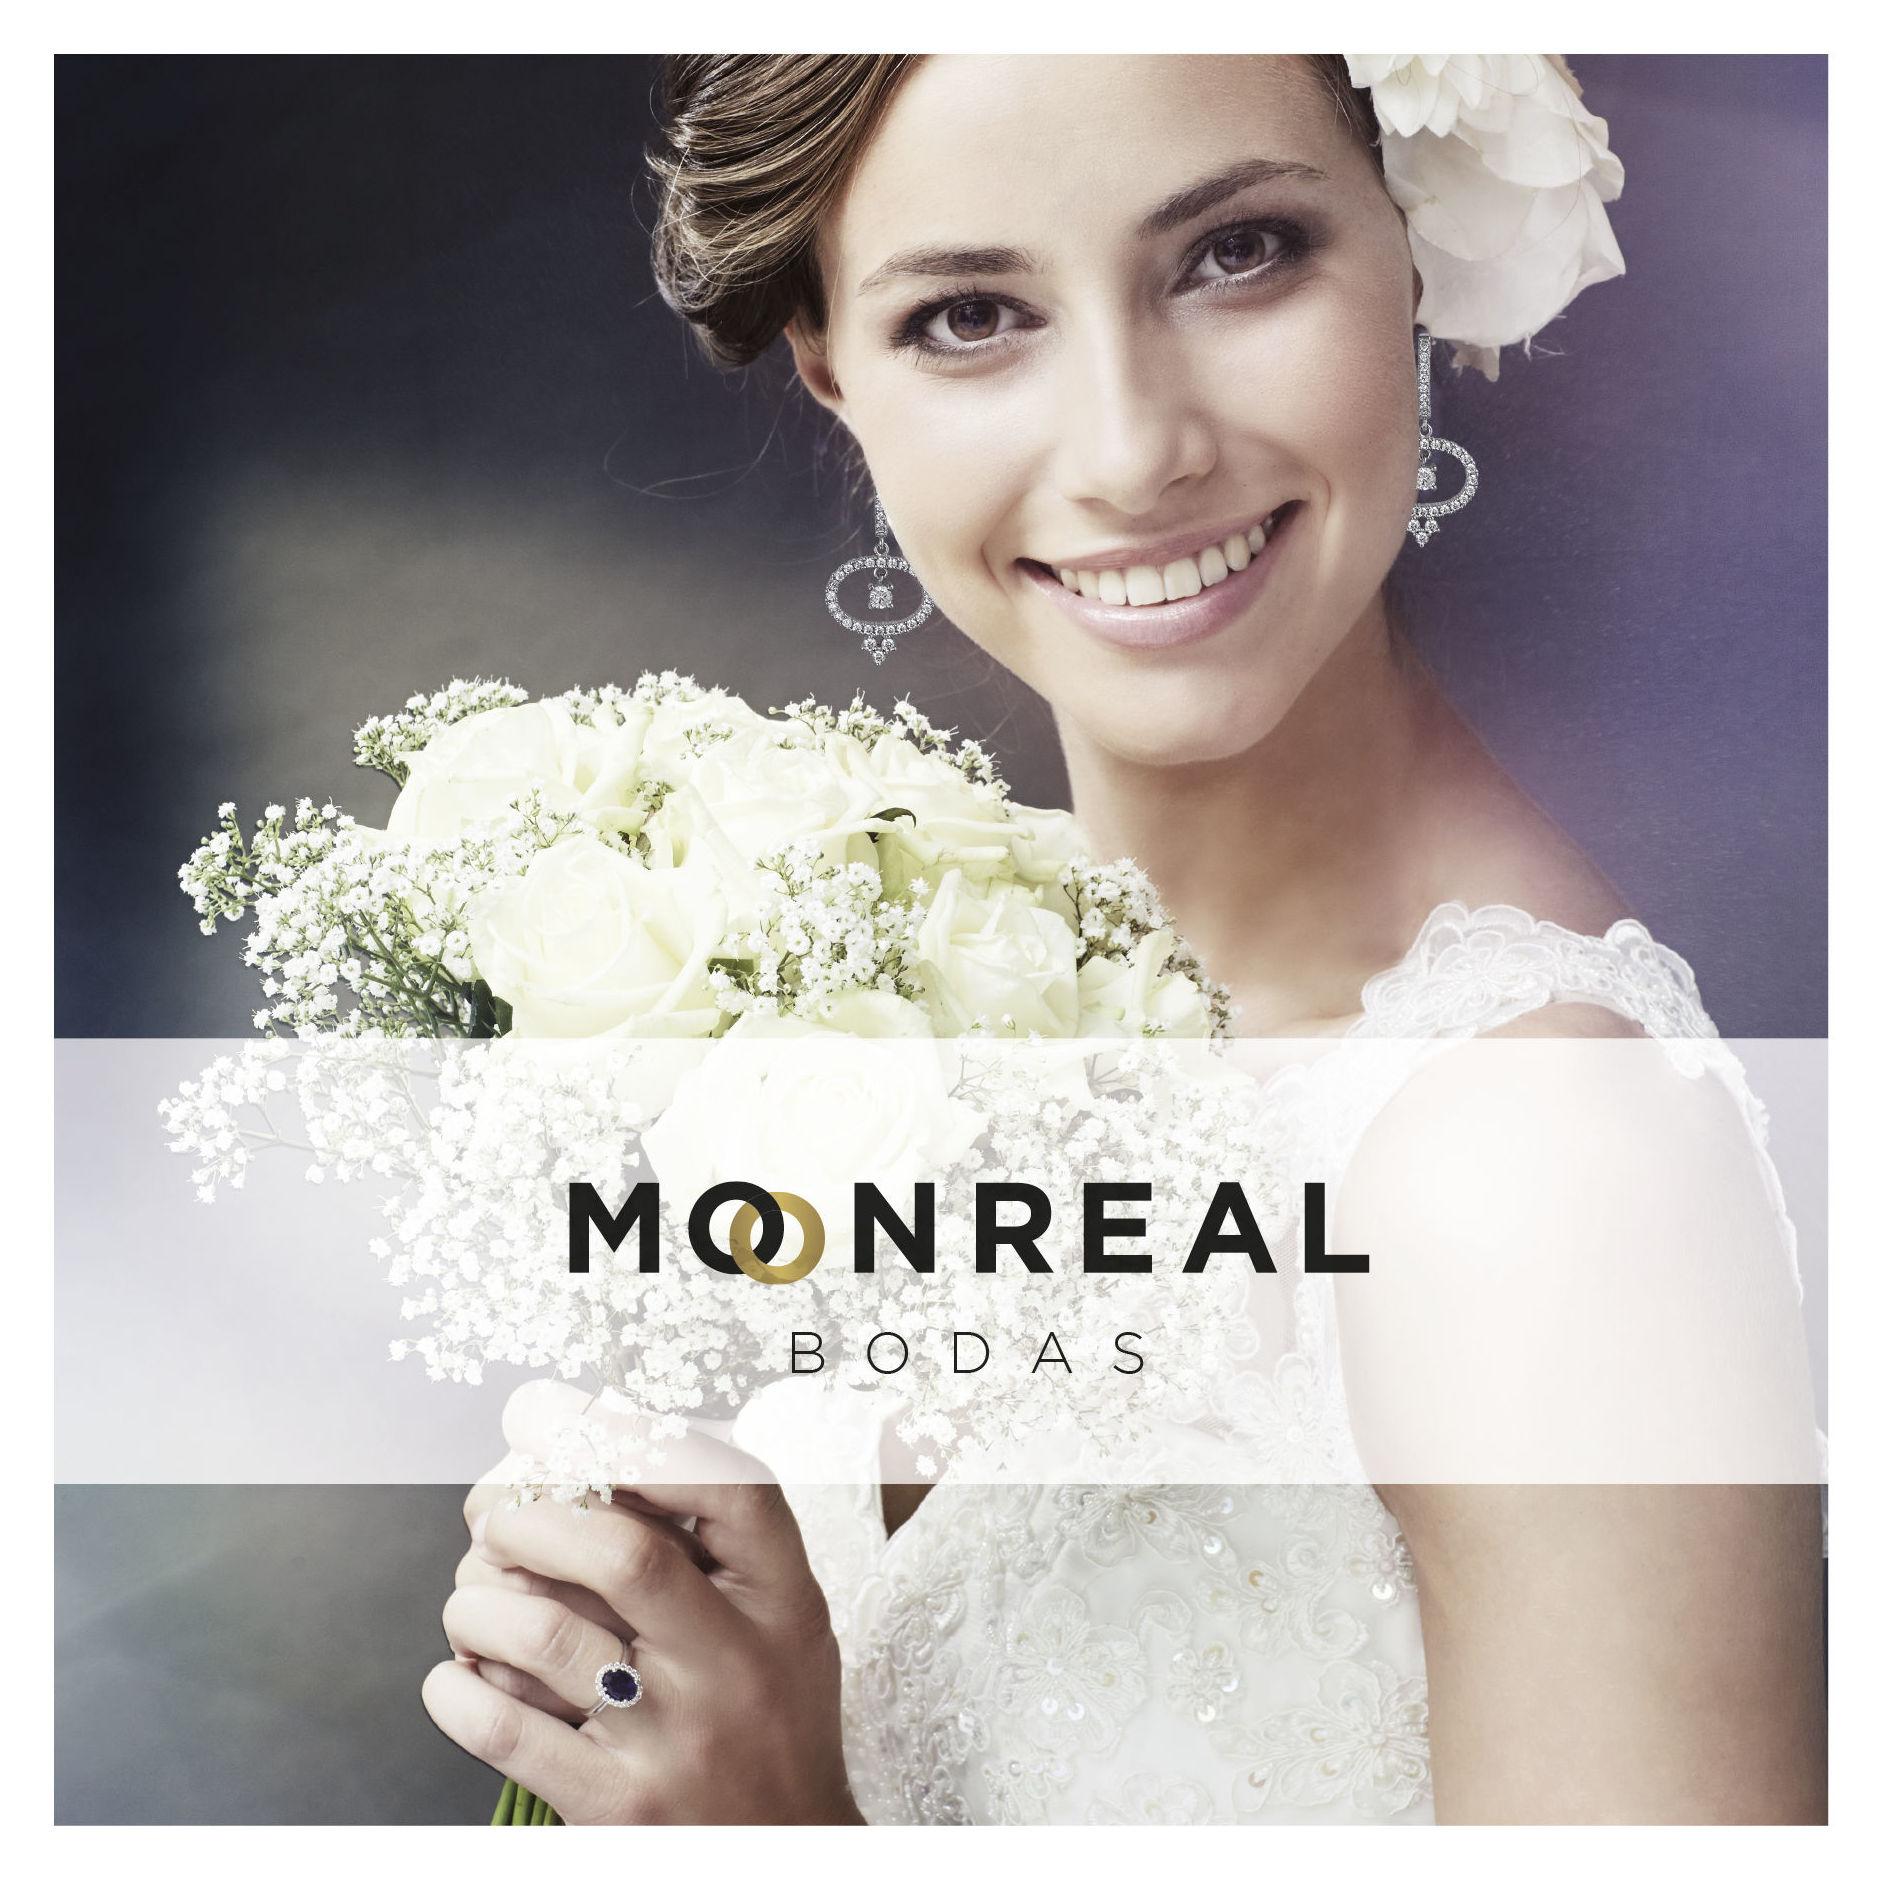 MONREAL BODAS